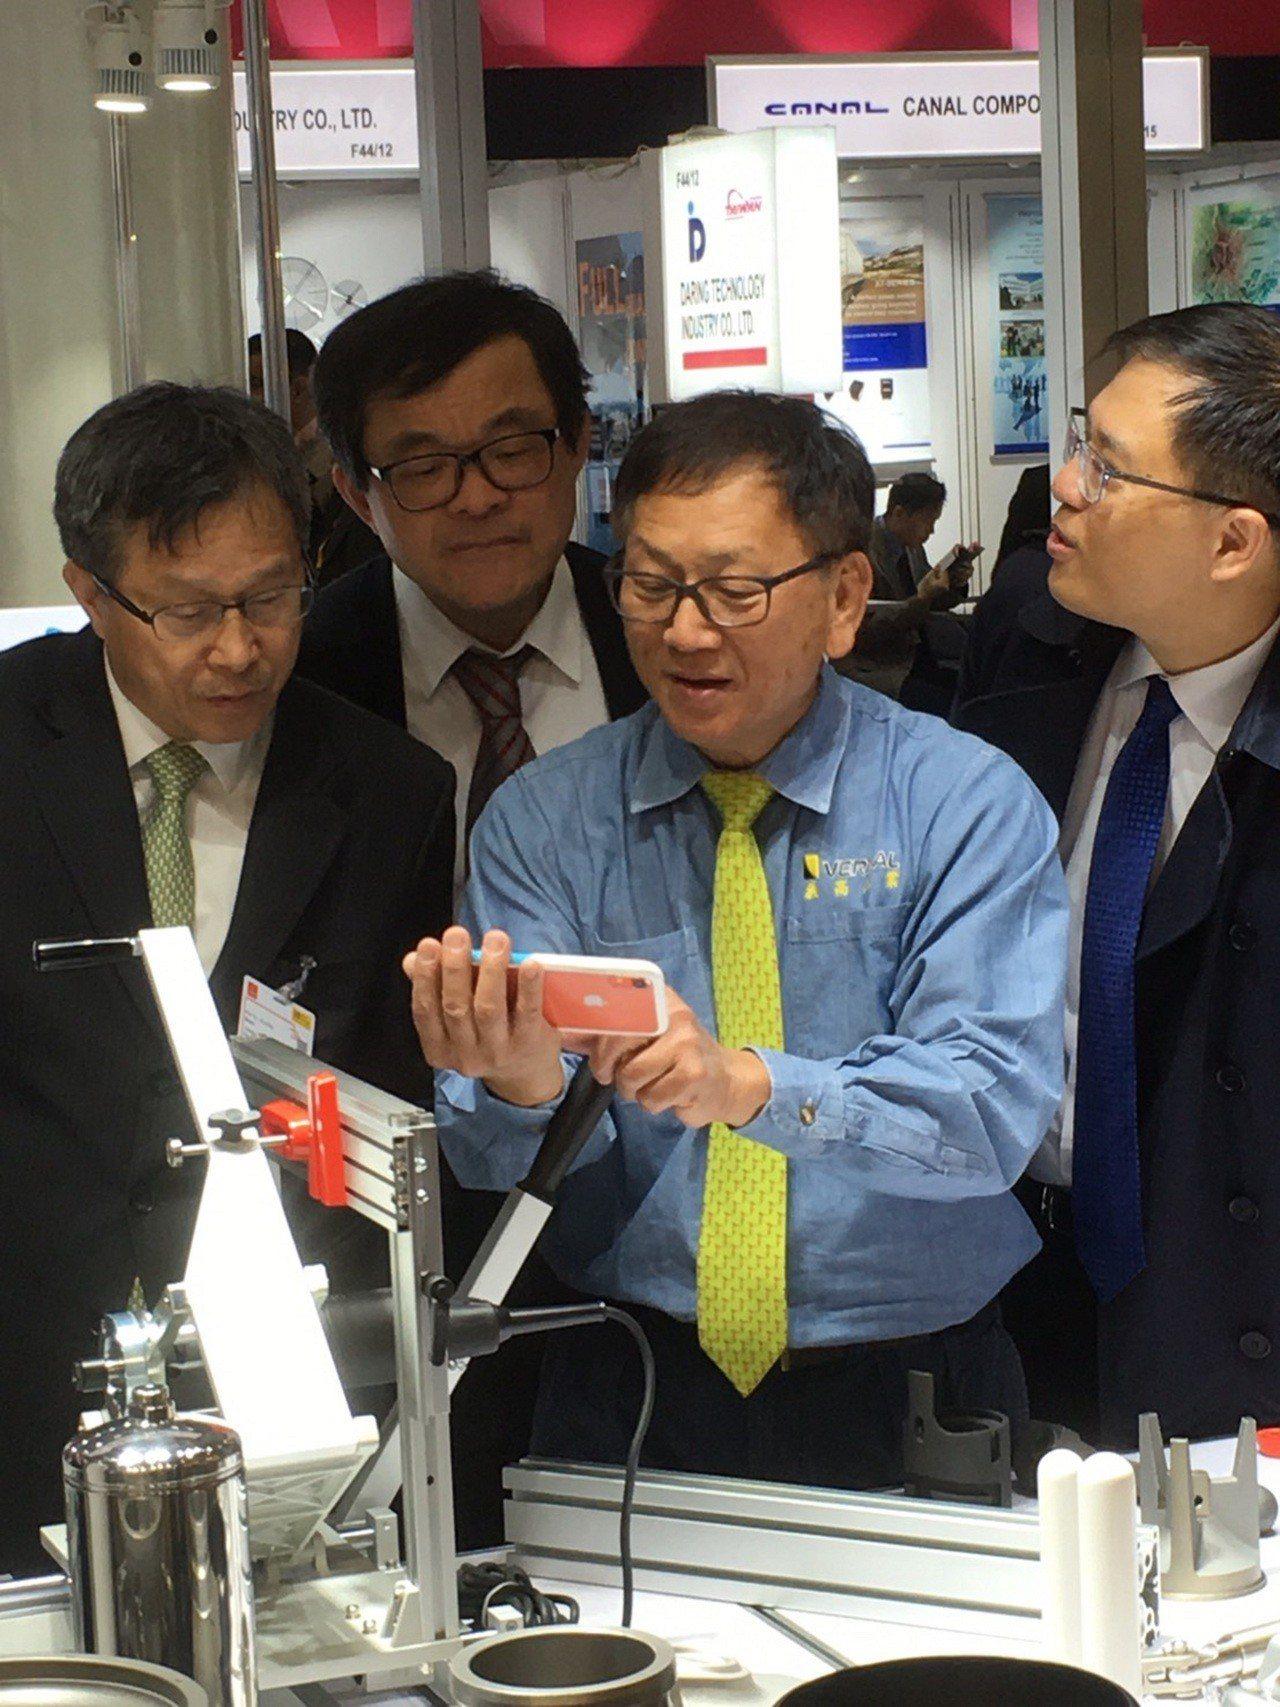 義高公司(中)詳細介紹該公司創新技術的解決方案。圖/貿協提供